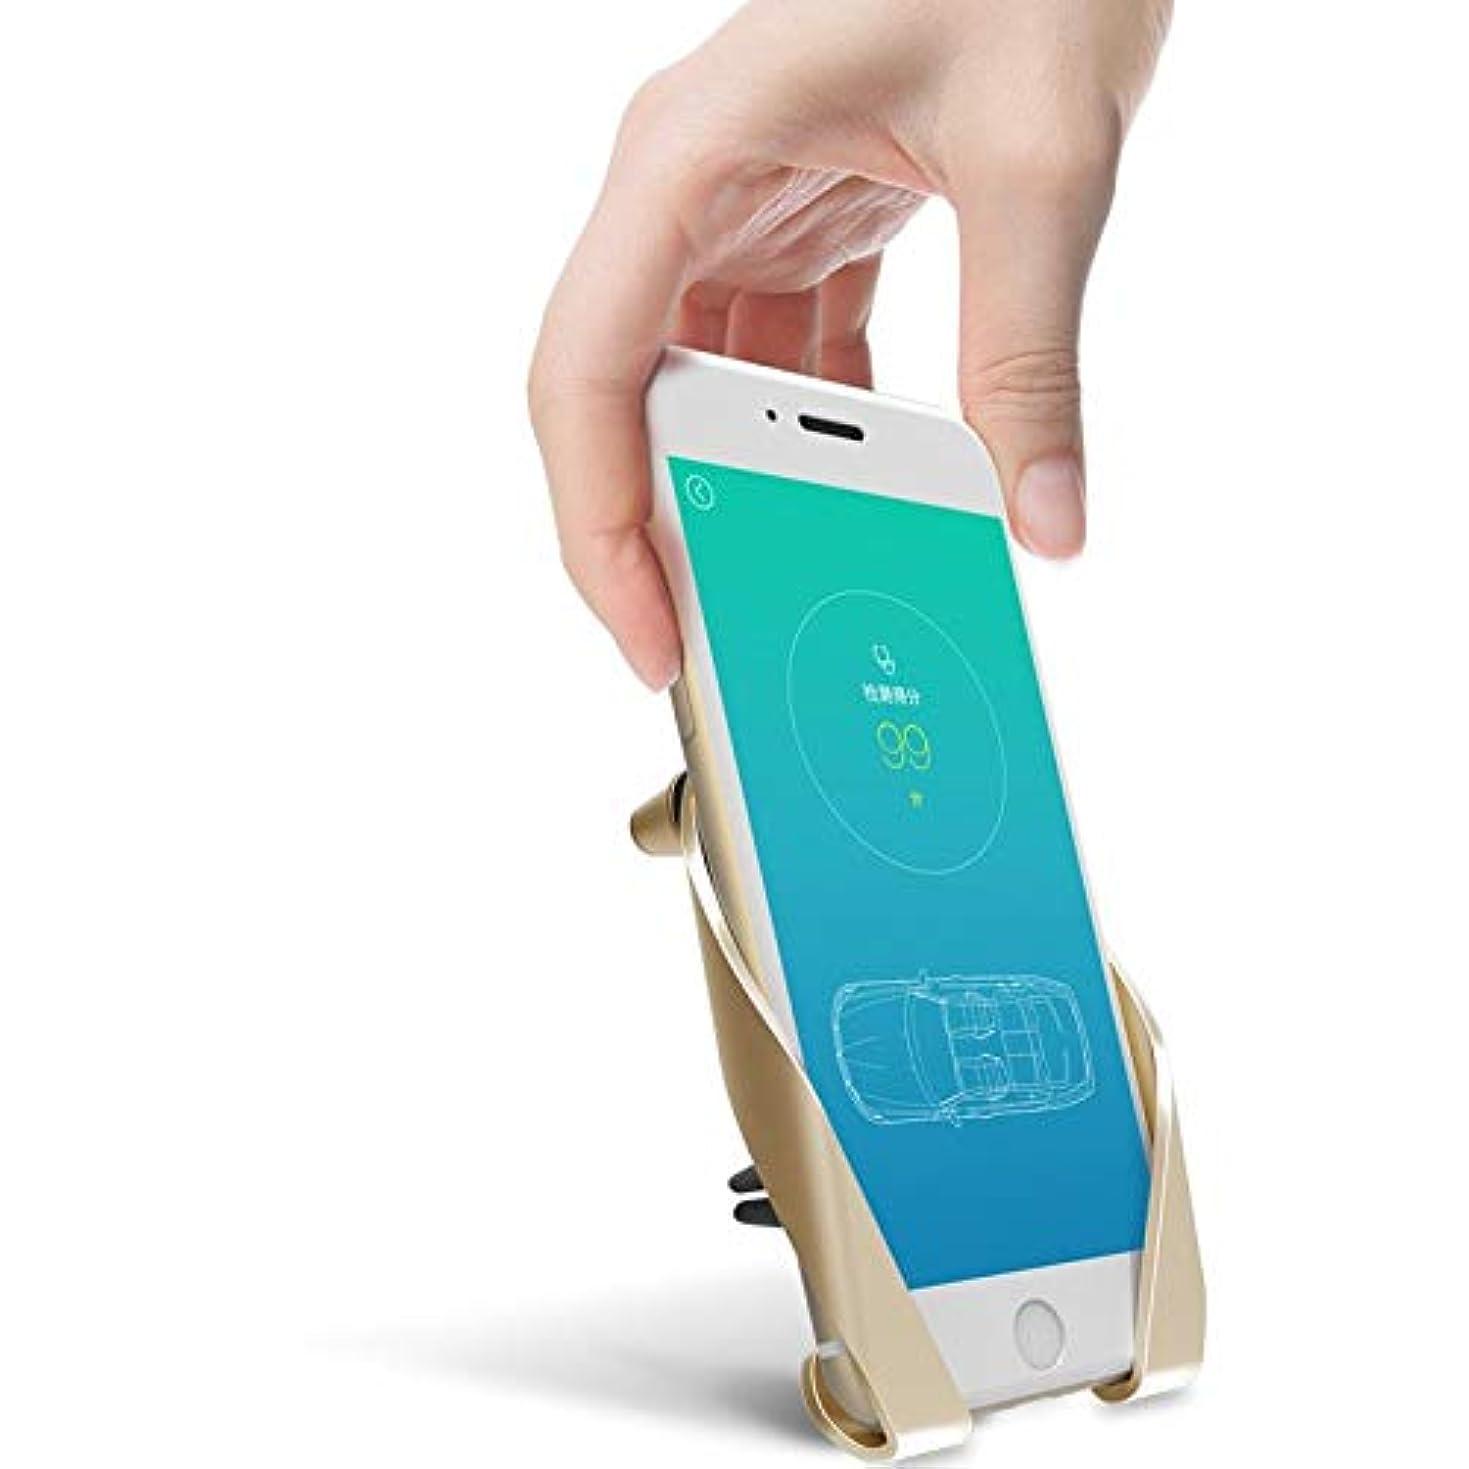 タンク見込み突然のJicorzo - サムスンiPhone用ユニバーサルカーベント携帯電話ホルダーカープラスチック製エアアウトレットアジャスタブル電話スタンドホルダー